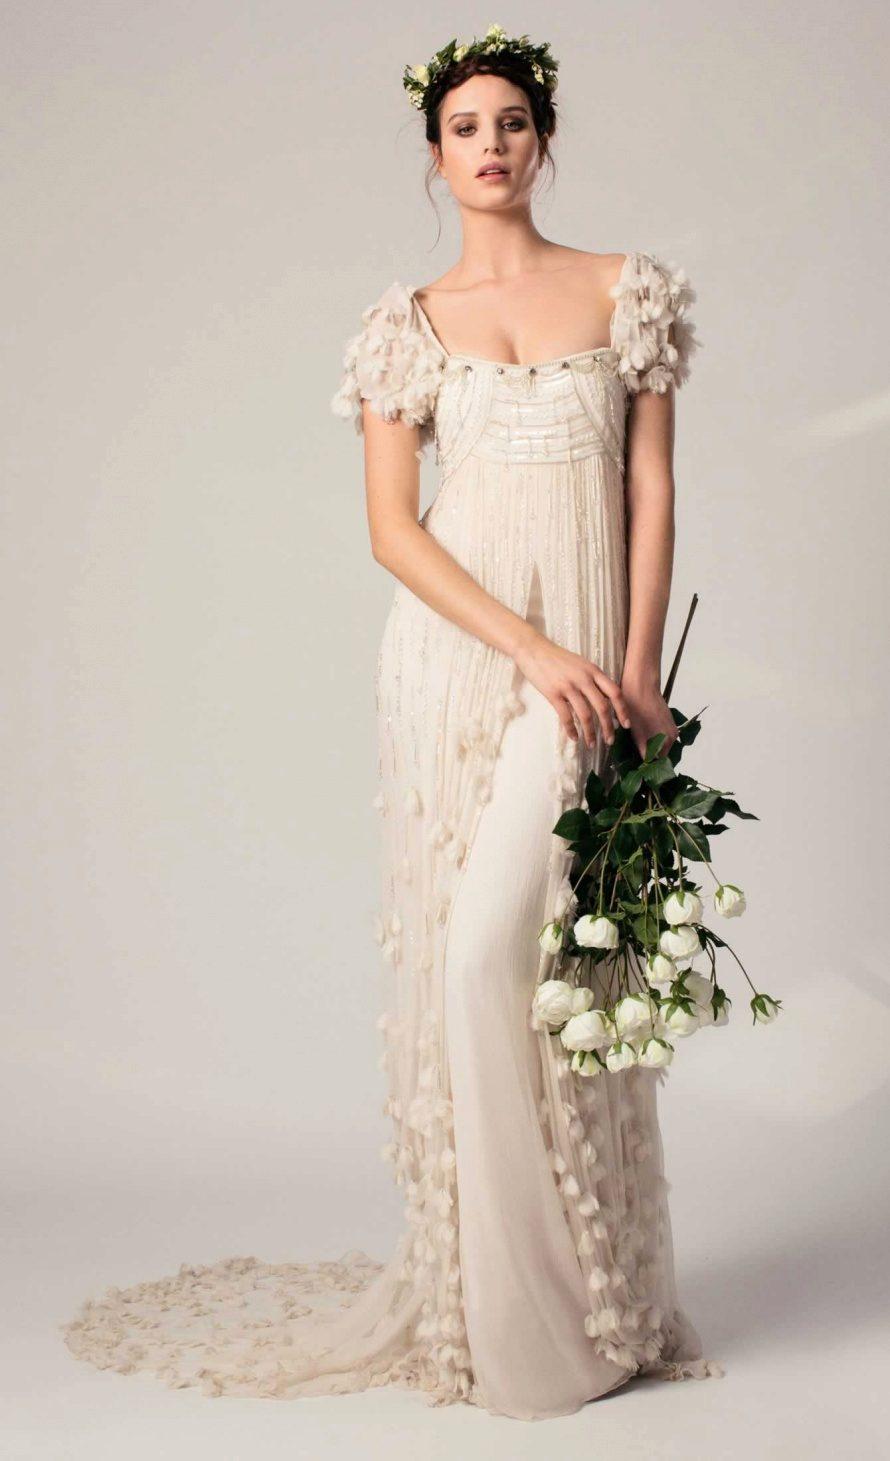 В каждой из коллекций свадебных нарядов, модели представляют собой изысканную комбинацию модного, но в то же время сдержанного и аристократичного платья